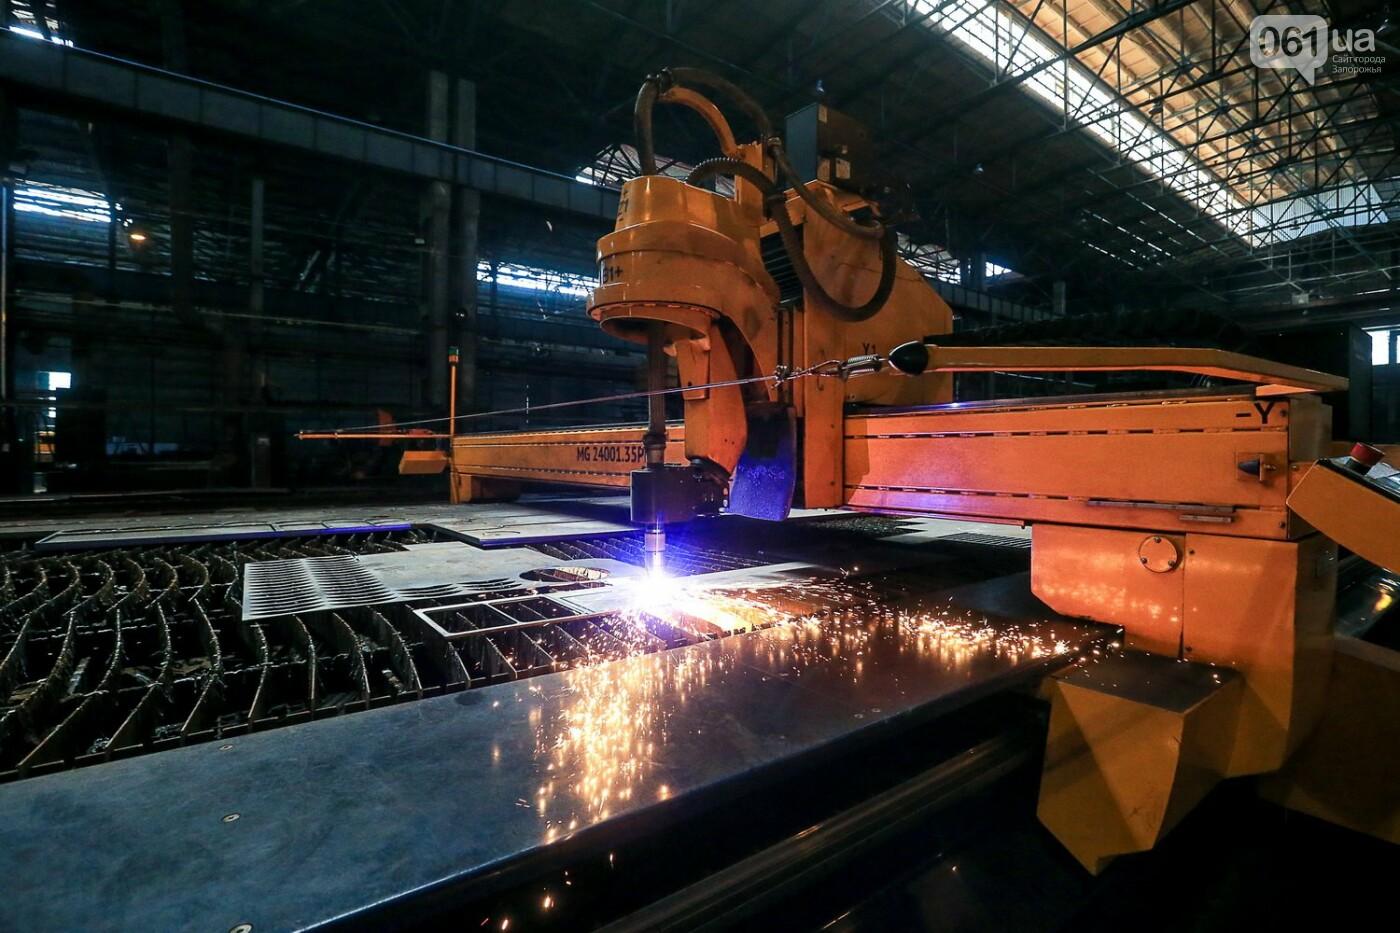 Как в Запорожье работает крупнейший в Европе завод по производству кранов: экскурсия на производство, — ФОТОРЕПОРТАЖ, фото-11